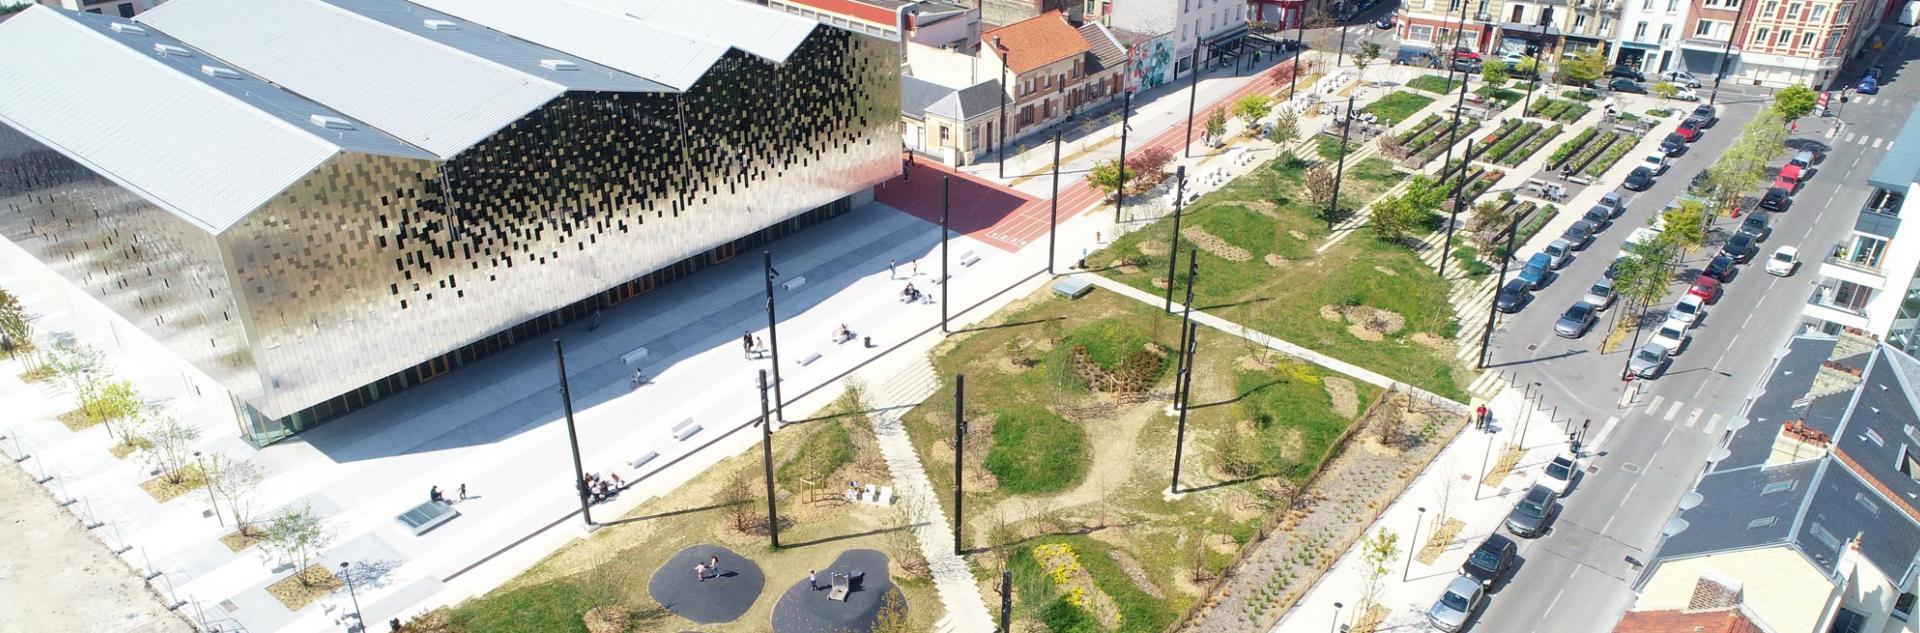 Vue aérienne de la Place Danton, Le Havre